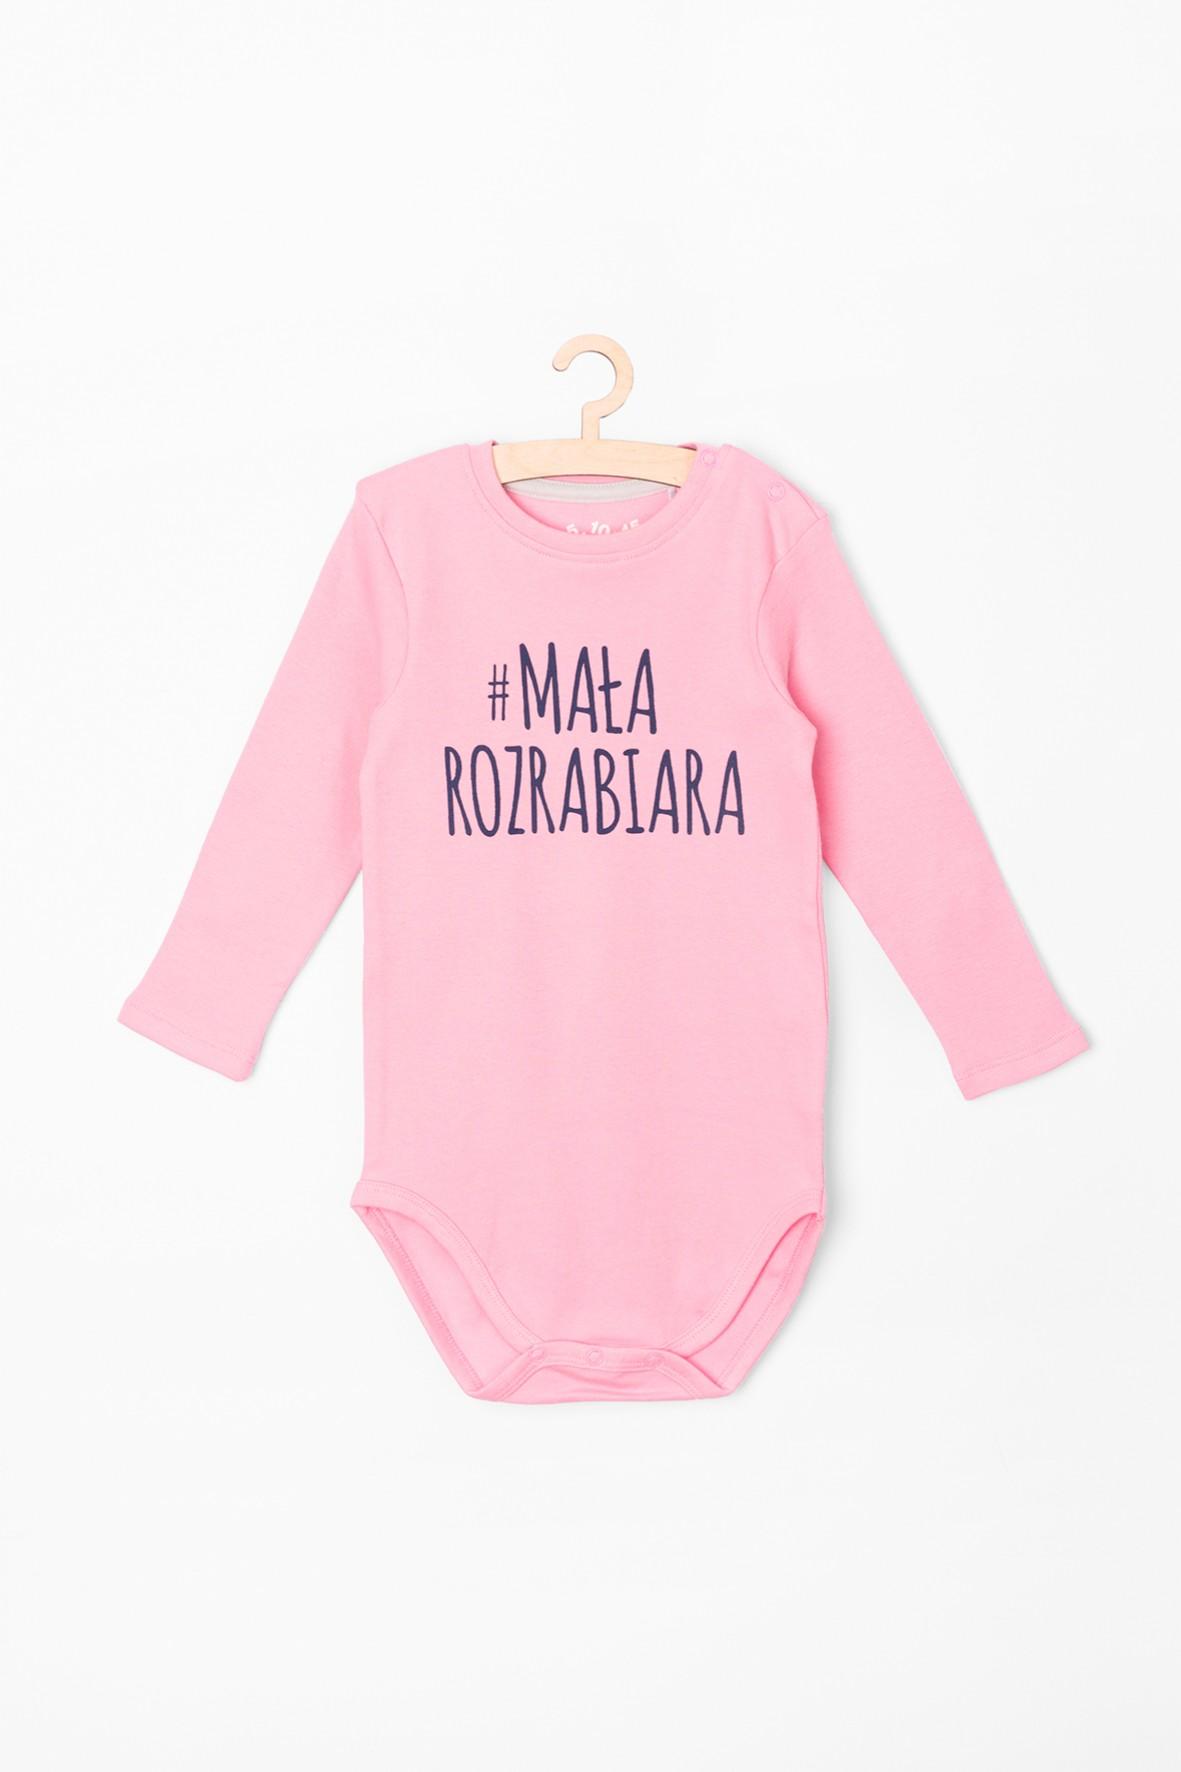 Body dziewczęce różowe z napisem #mała rozrabiara